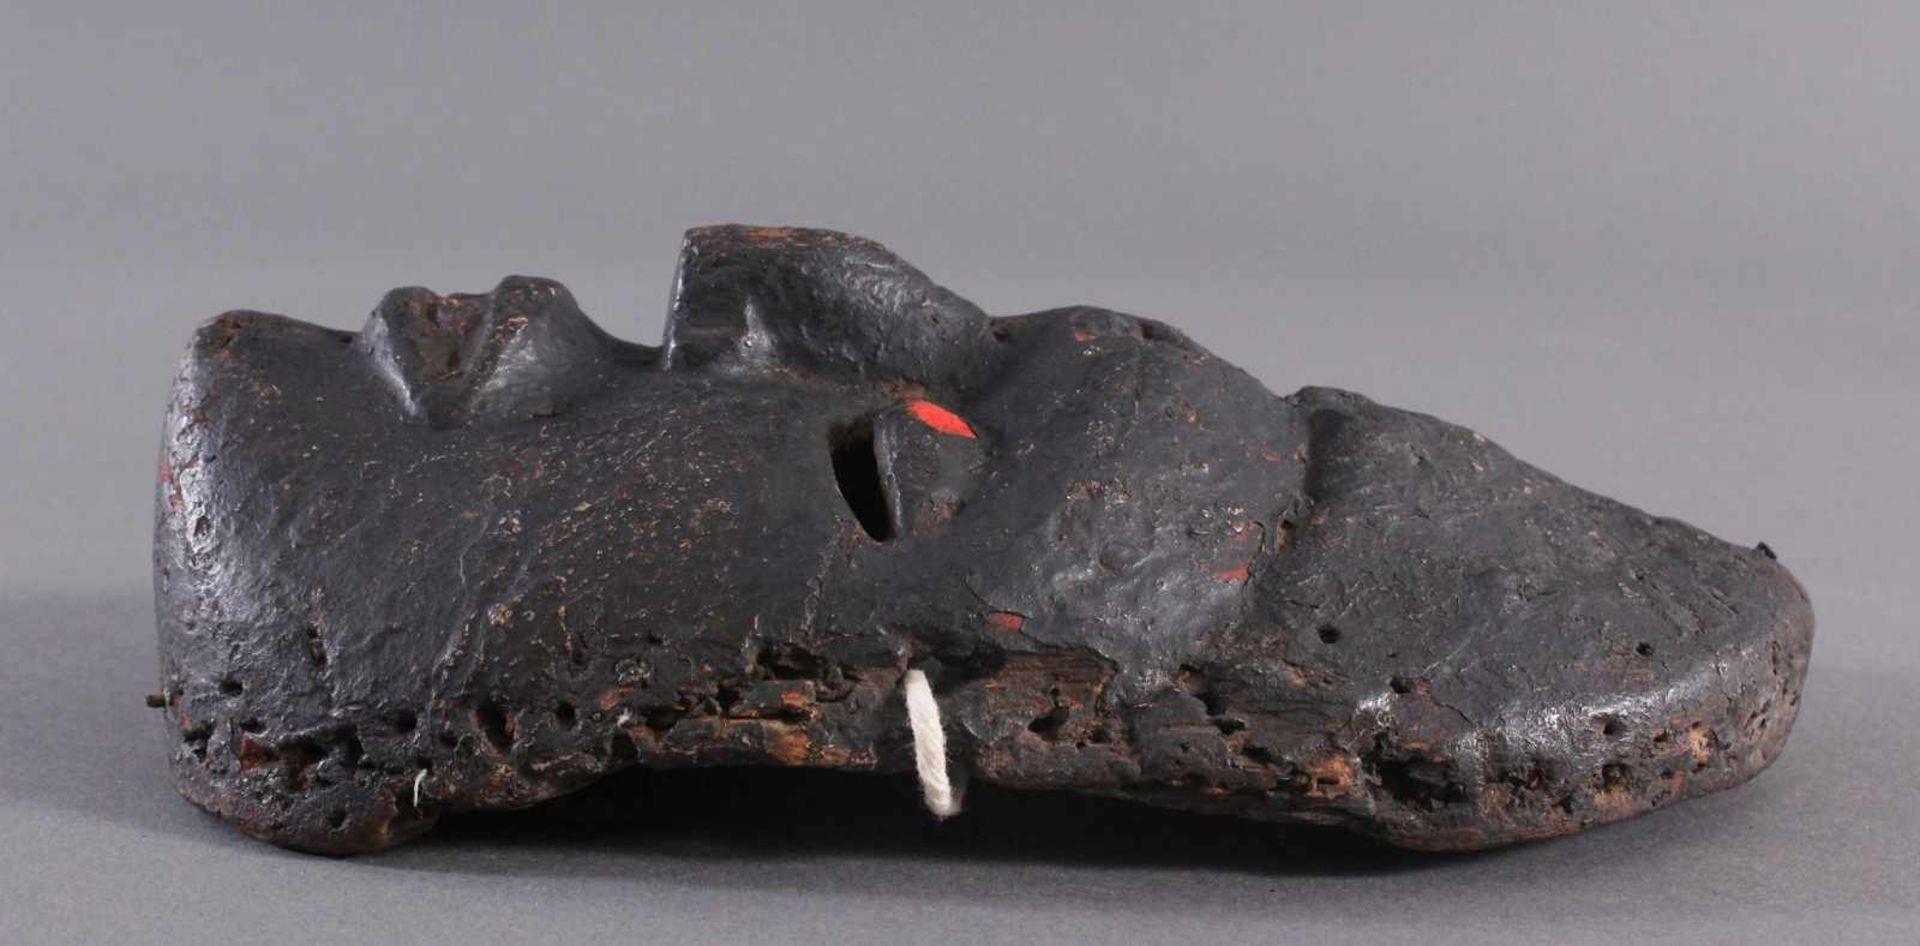 Antike Afrikanische Maske, 1. Hälfte 20. Jh.Braunes Holz, rot bemalt, schwarze Patina mit - Bild 3 aus 6